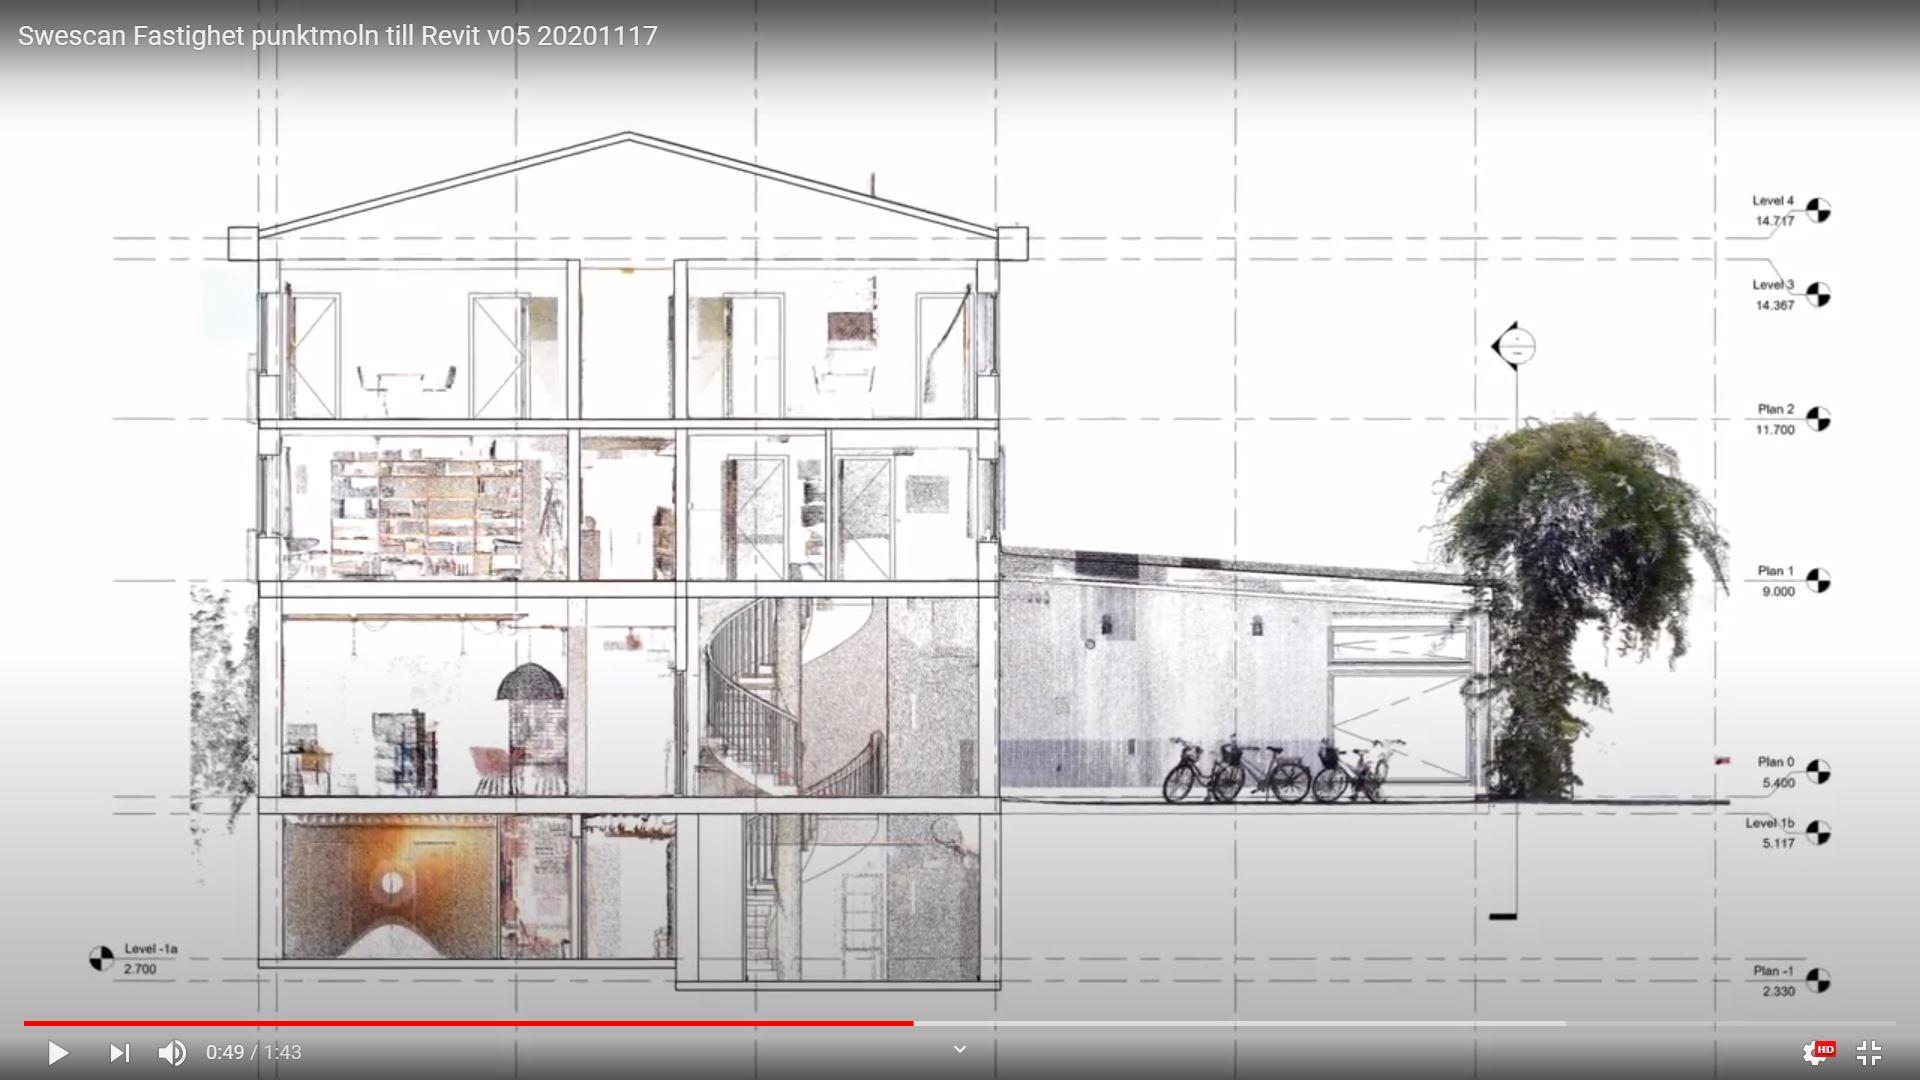 Swescan kombinerar drönarmätning och laserscanning på ett unikt sätt för fastigheter